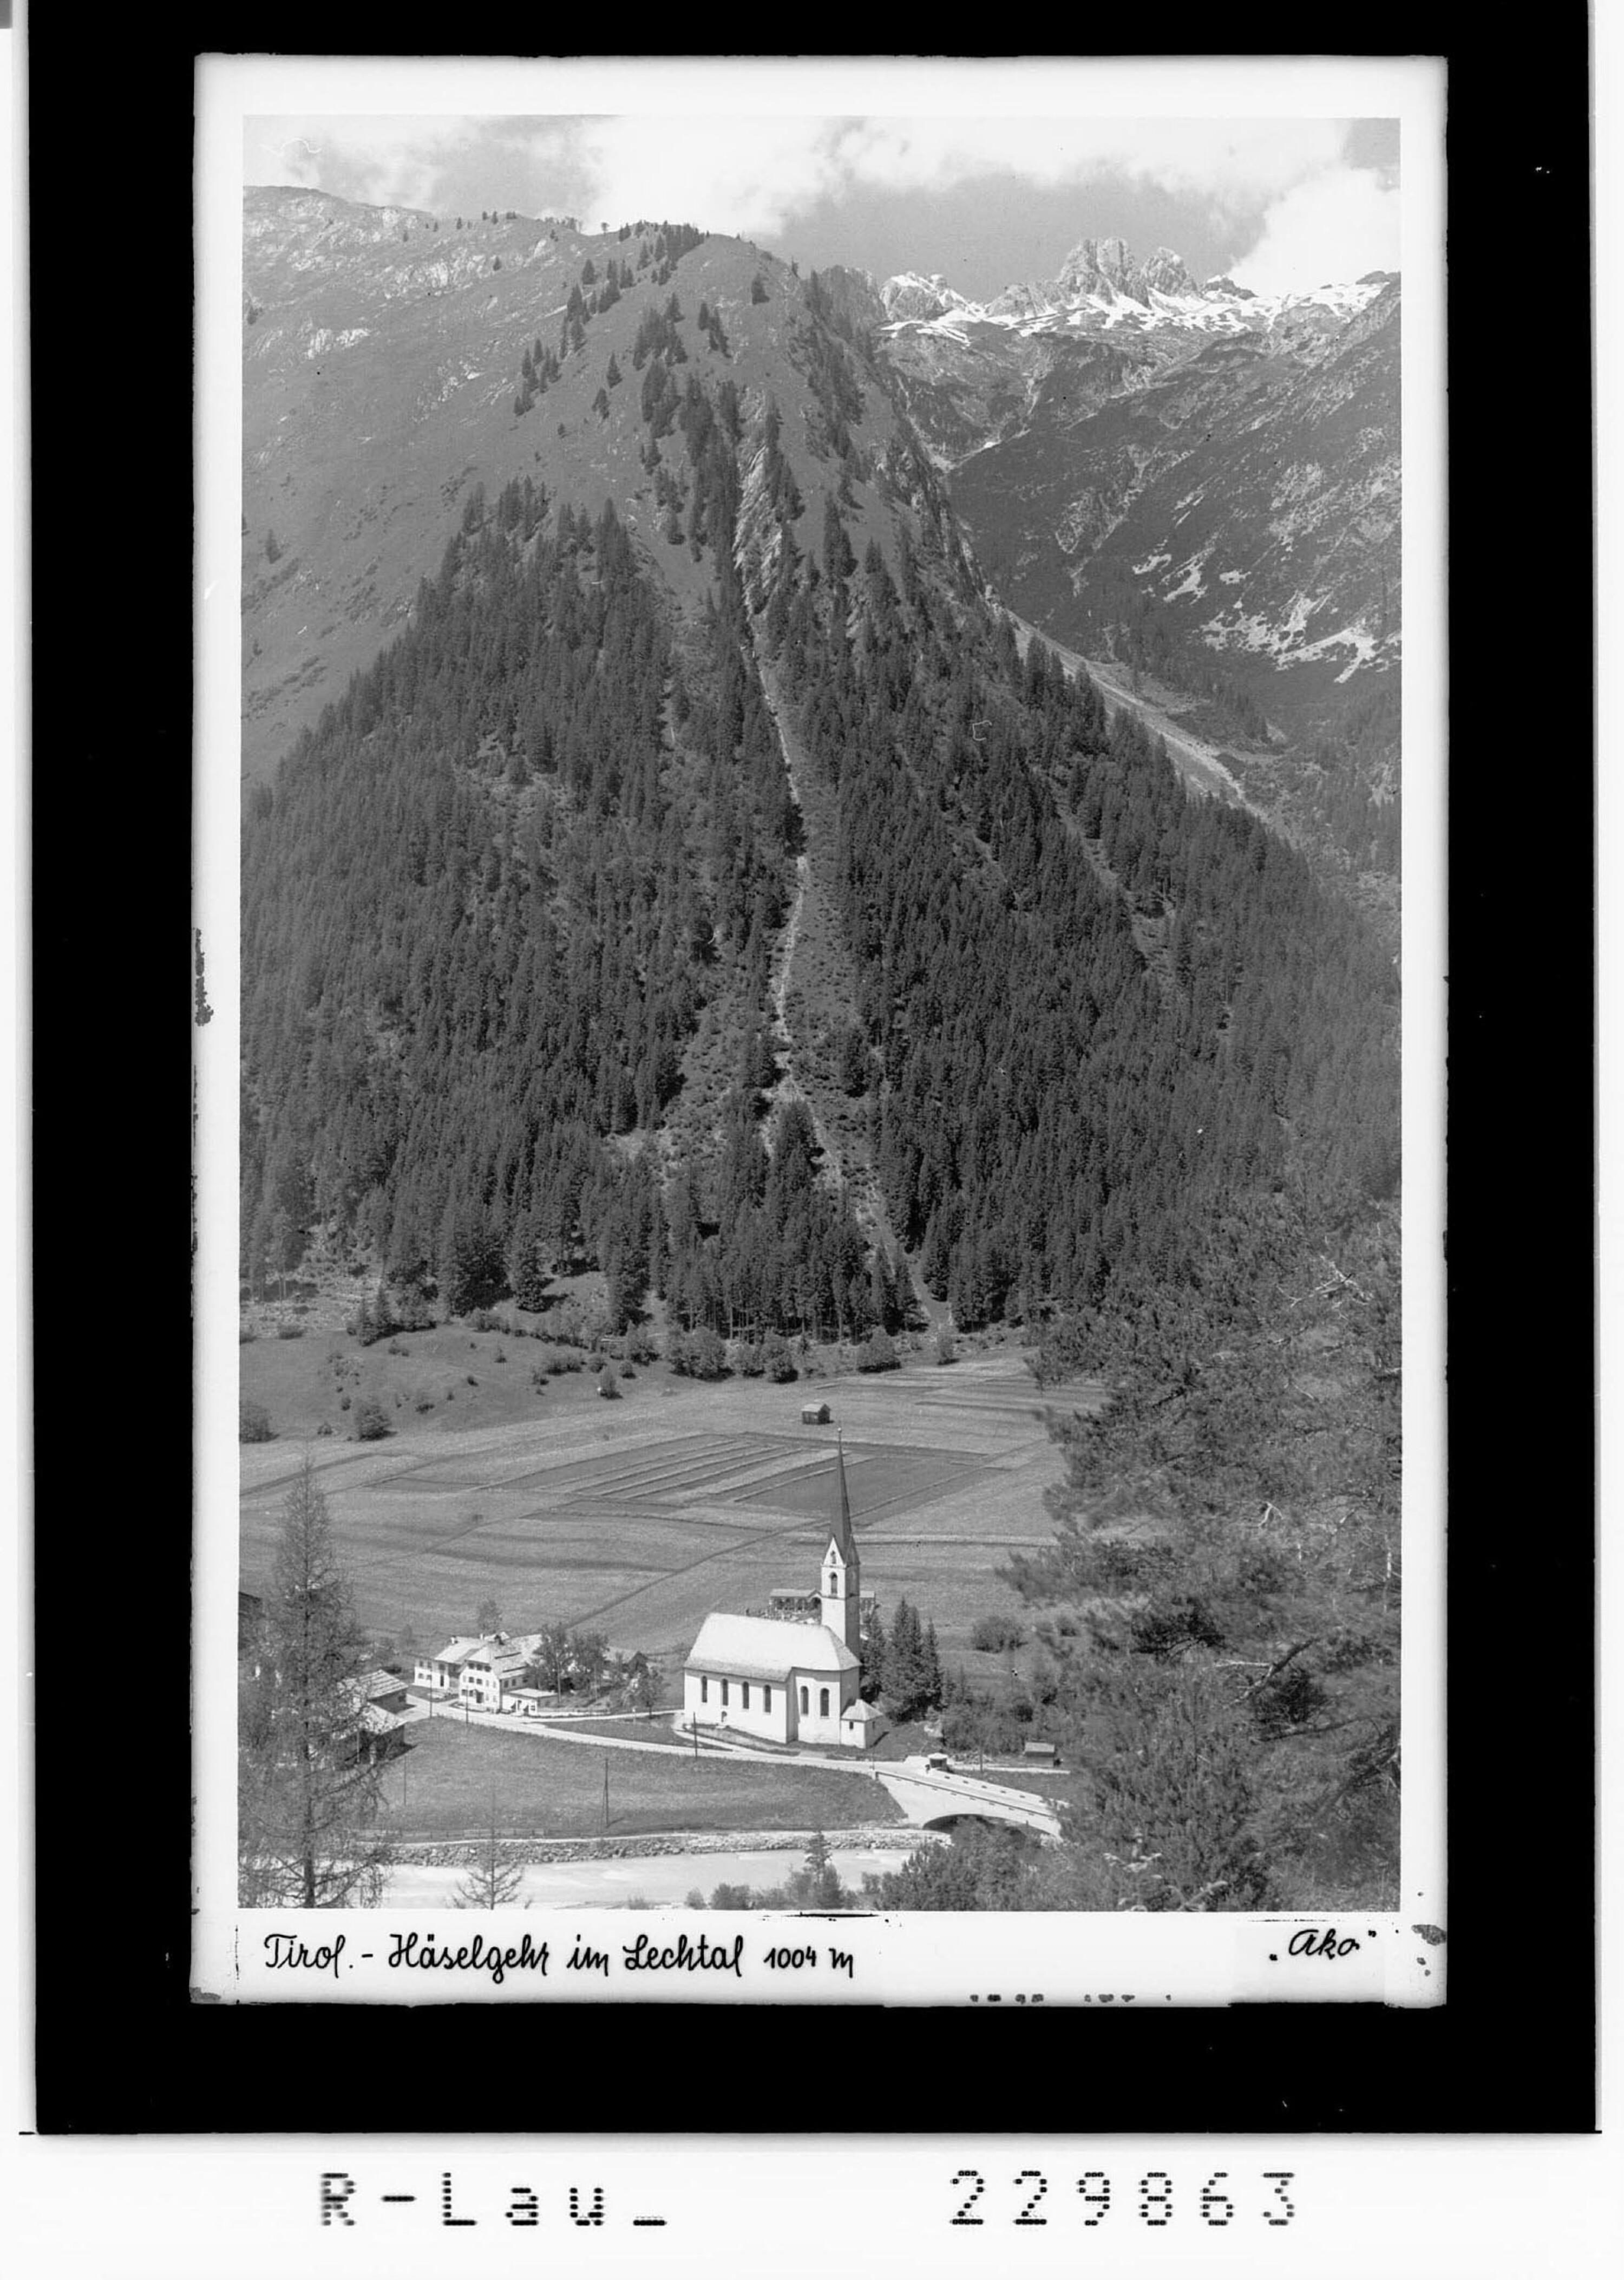 Tirol / Häselgehr im Lechtal 1004 m von Kohlbauer